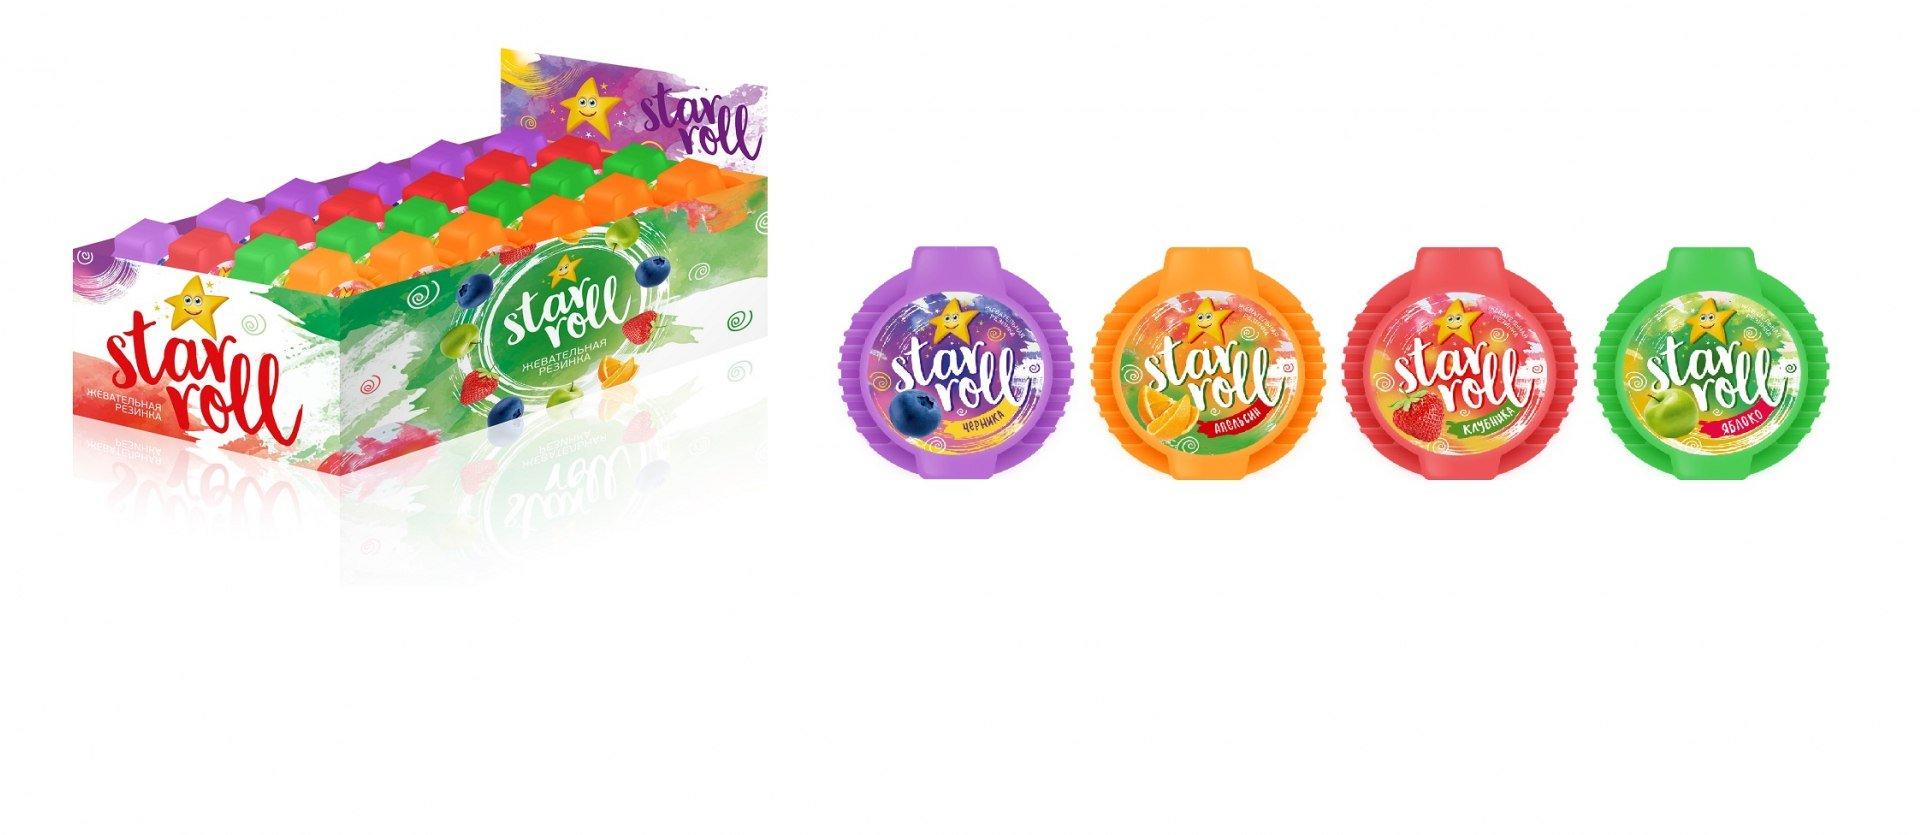 Жевательная резинка с фруктовыми вкусами Star Roll